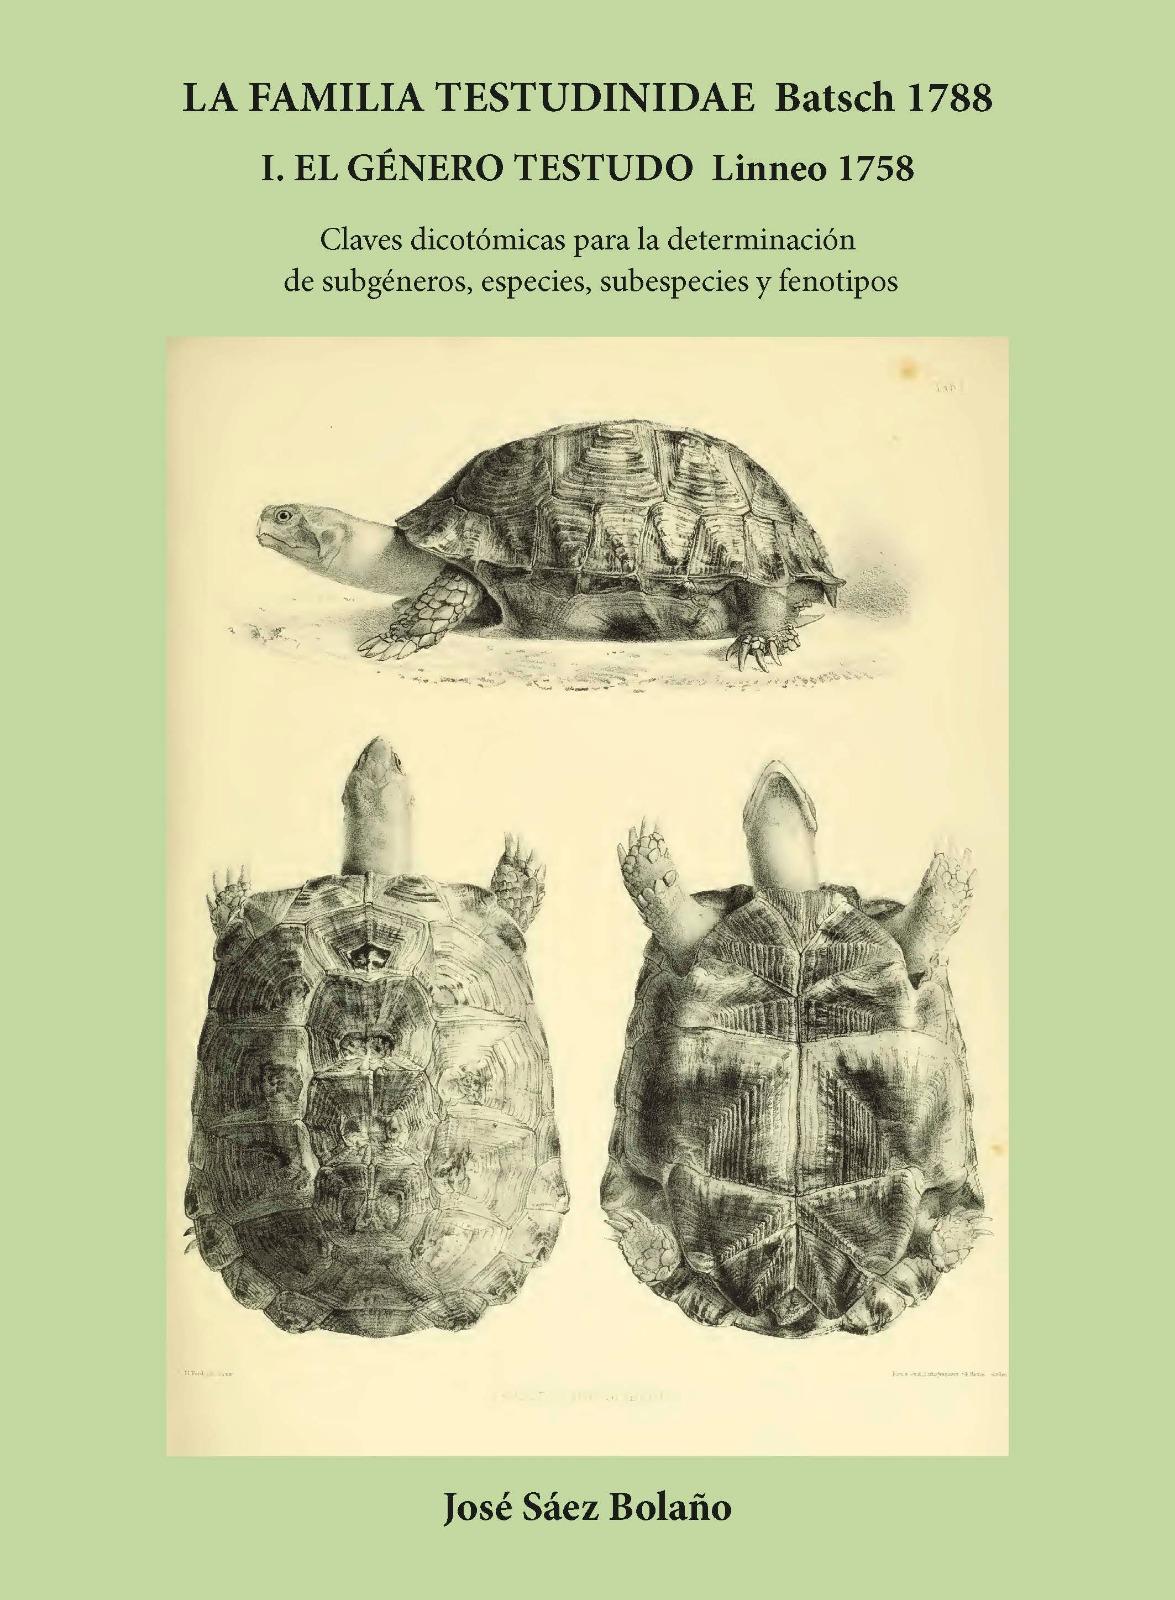 La Familia Testudinidae Batsch 1788. El Género Testudo Linneo 1758. Claves dicotómicas para la determinación de subgéneros, especies, subespecies y fenotipos